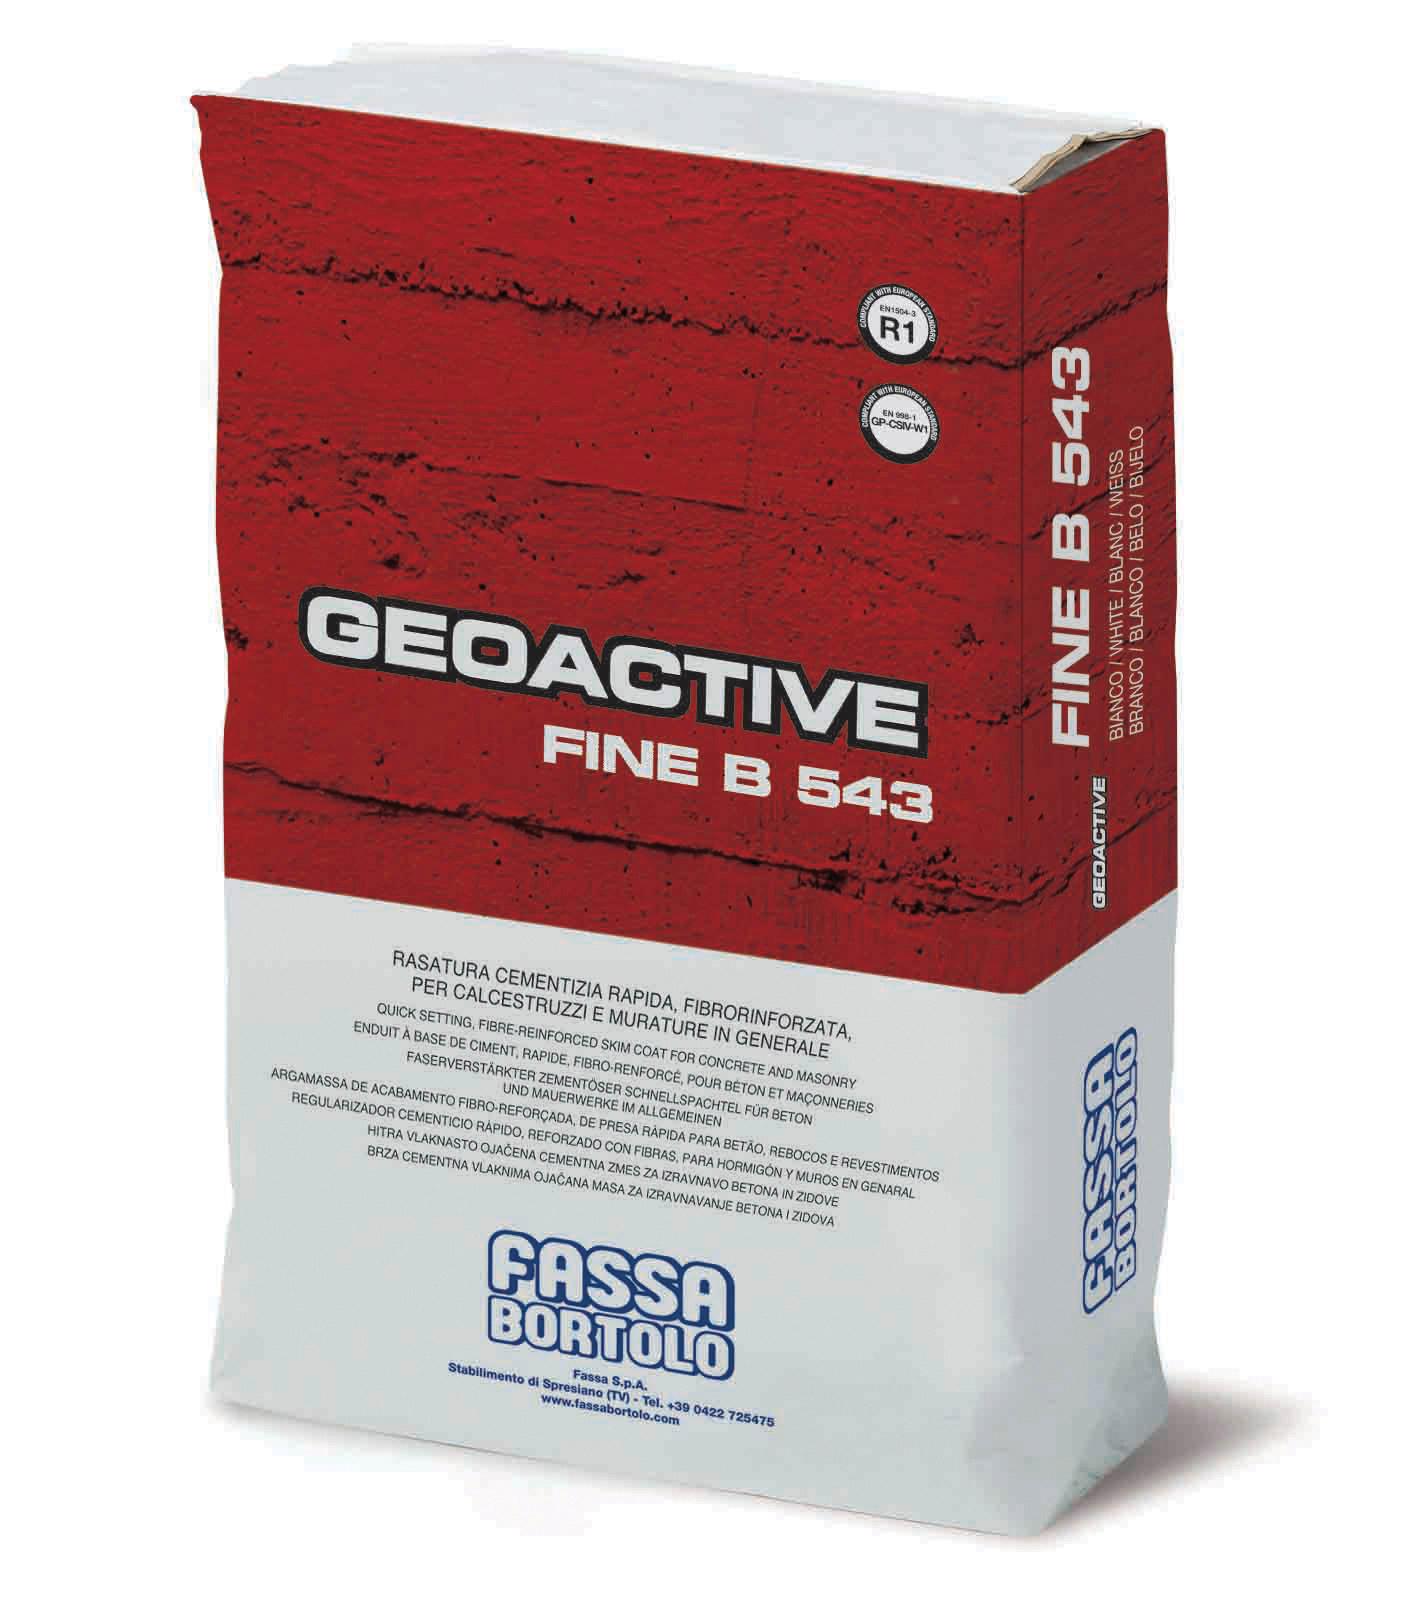 GEOACTIVE FINE B 543: Regularizador cimentício rápido, fibrorreforçado, hidrofugado, branco e cinzento para betão, revestimentos plásticos e rebocos